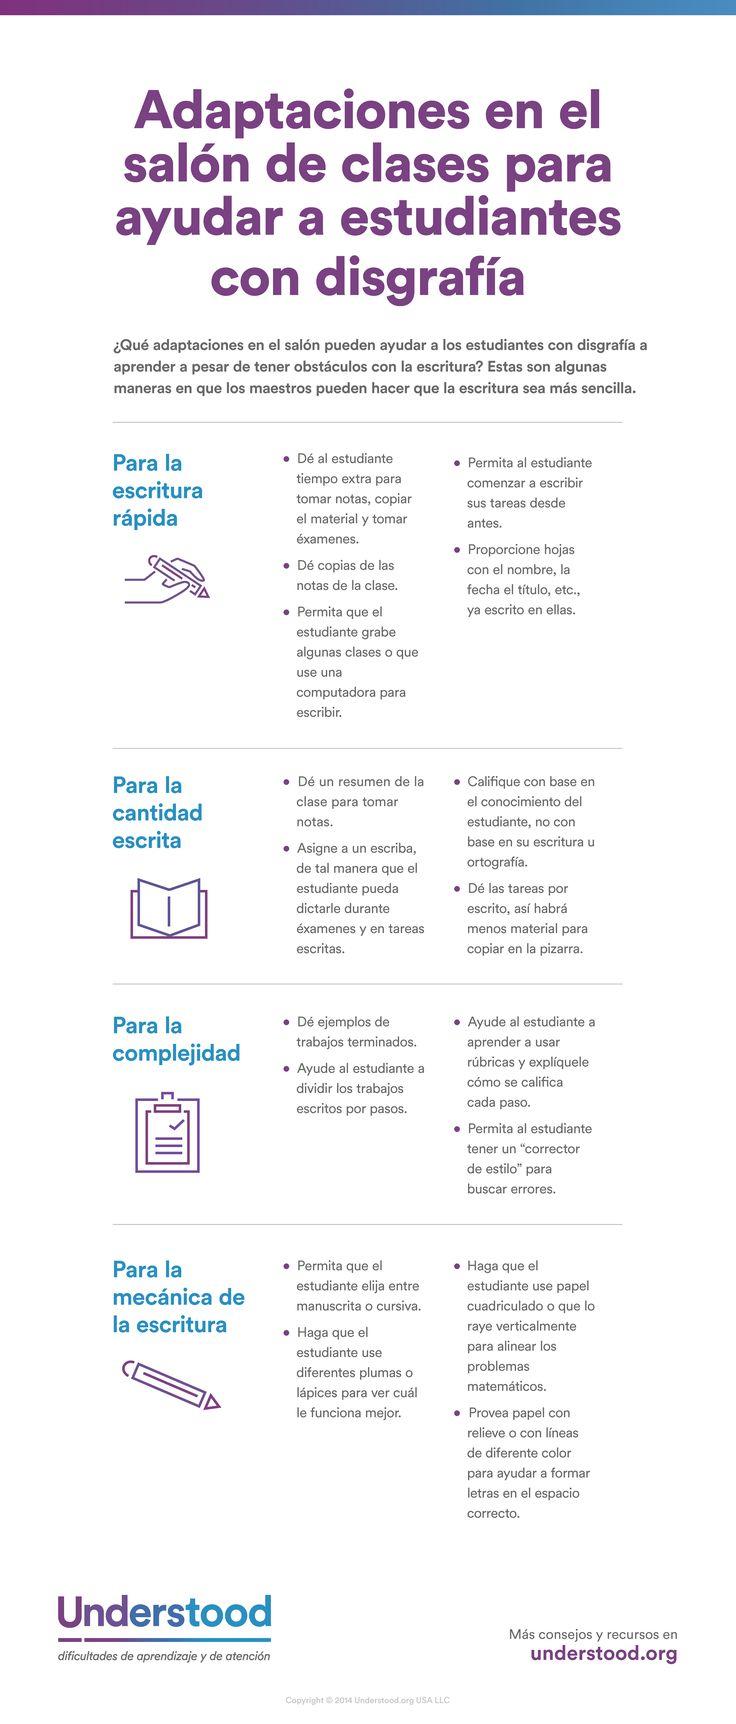 Adaptaciones para ayudar a los estudiantes con disgrafía | Dificultades con la escritura